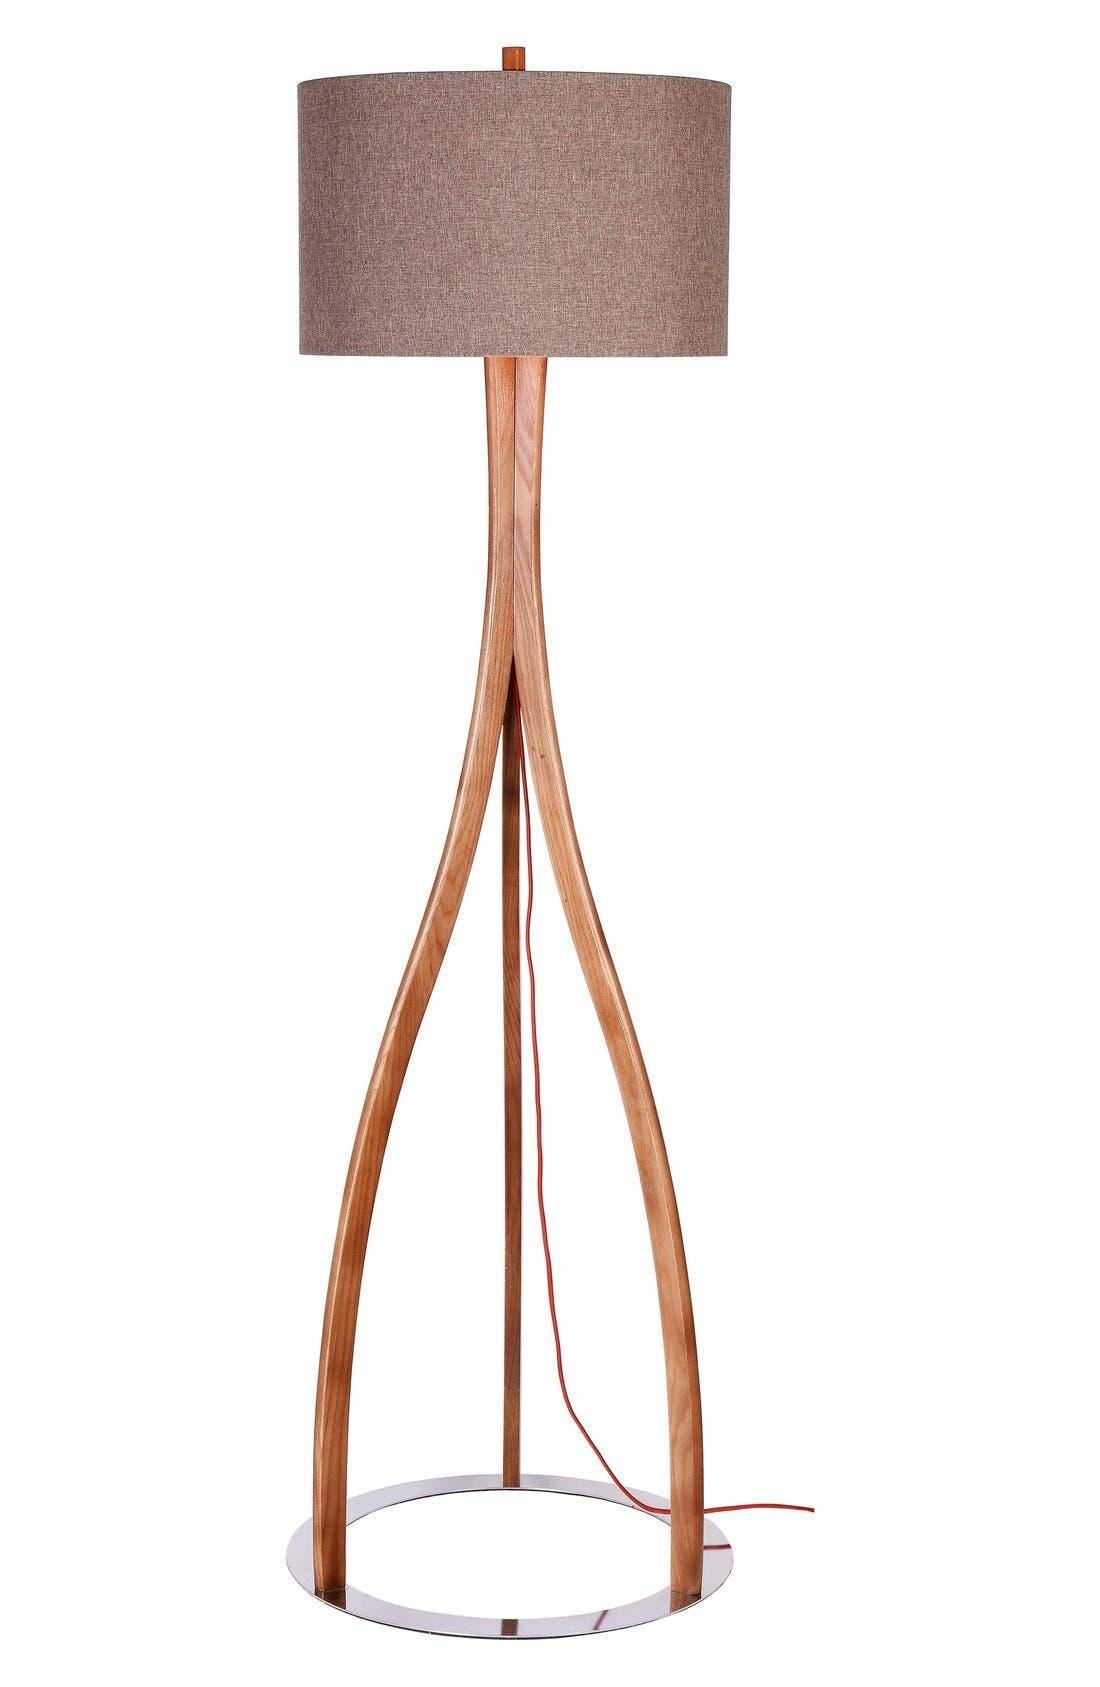 jalexander parker wood floor lamp